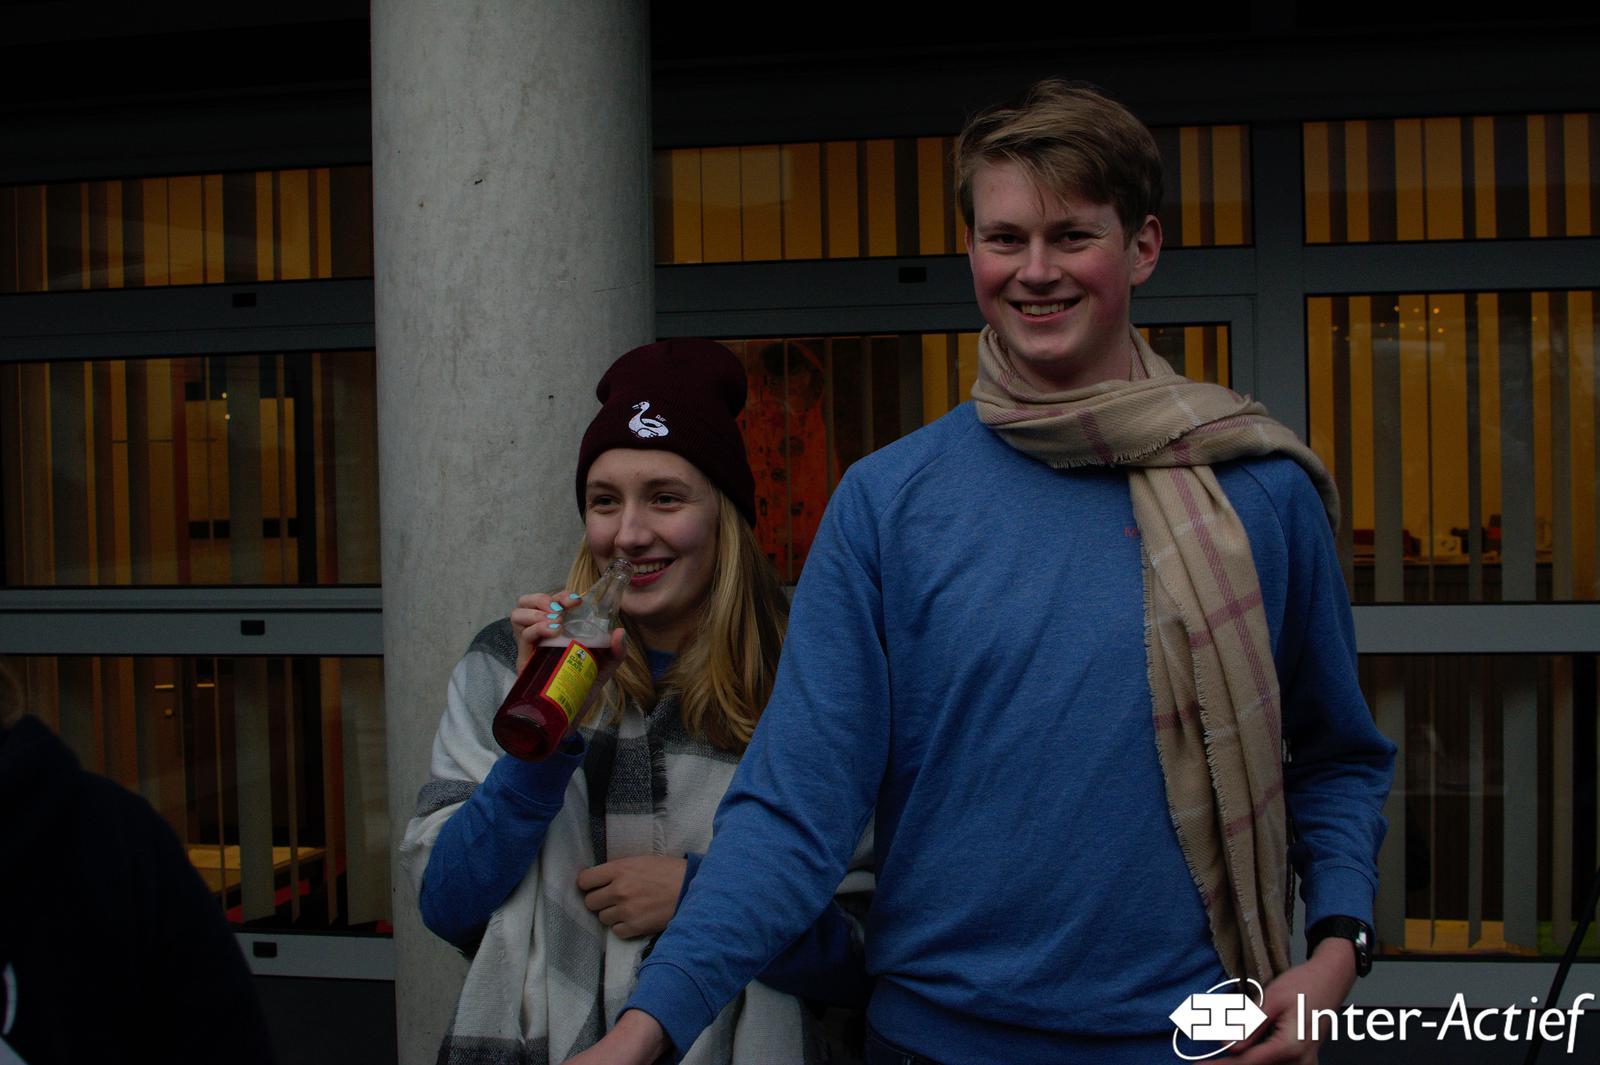 WinterWonderland1920_JellevdWijngaard-3.jpg